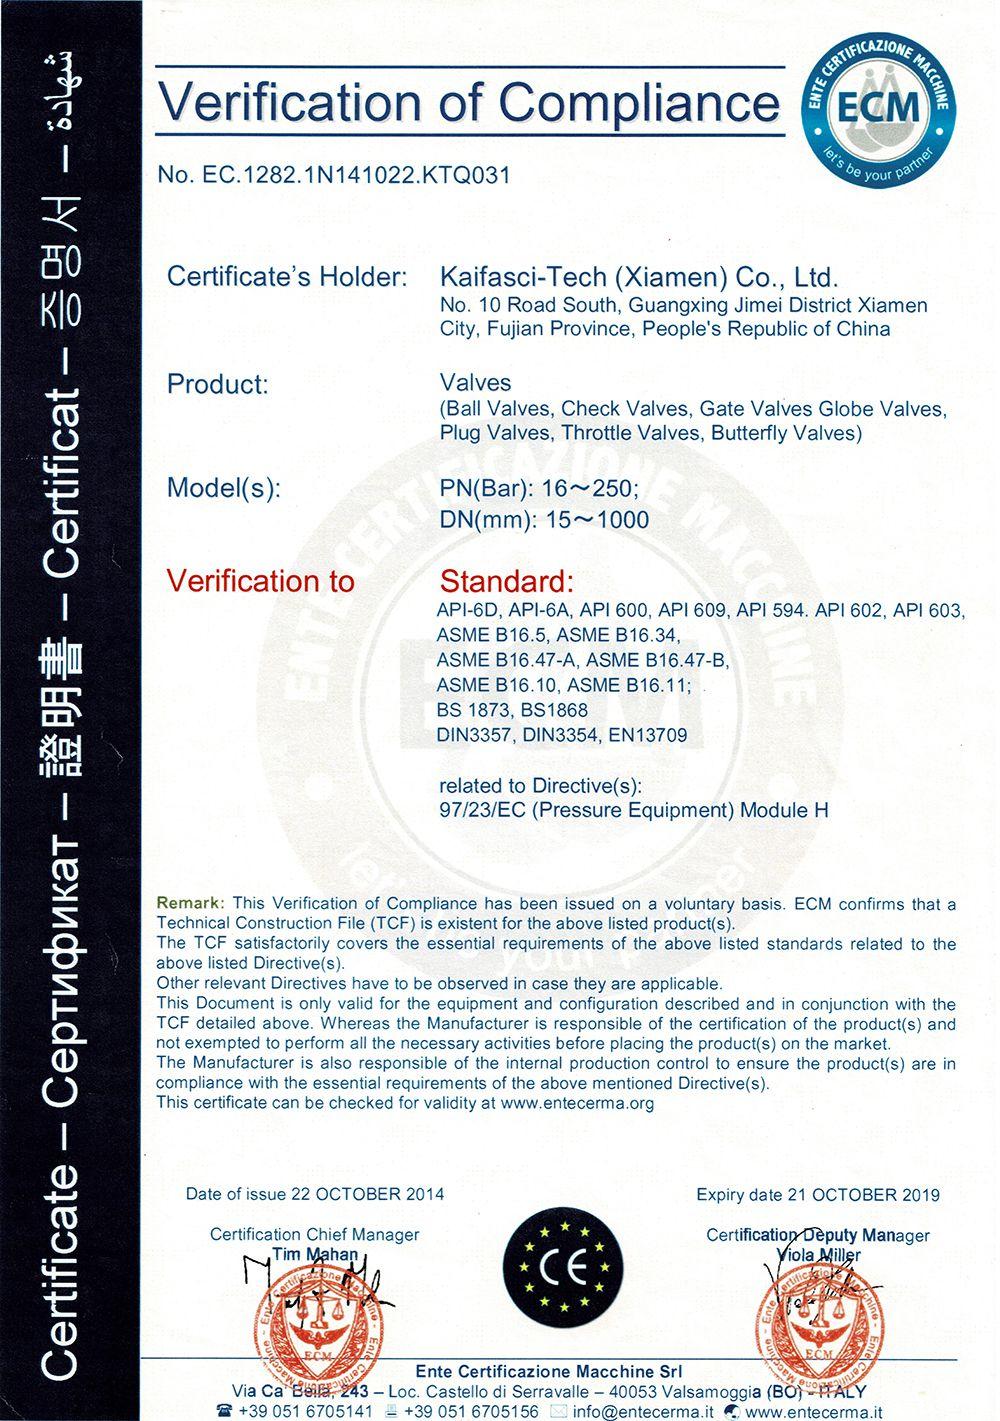 CE认证 英文版